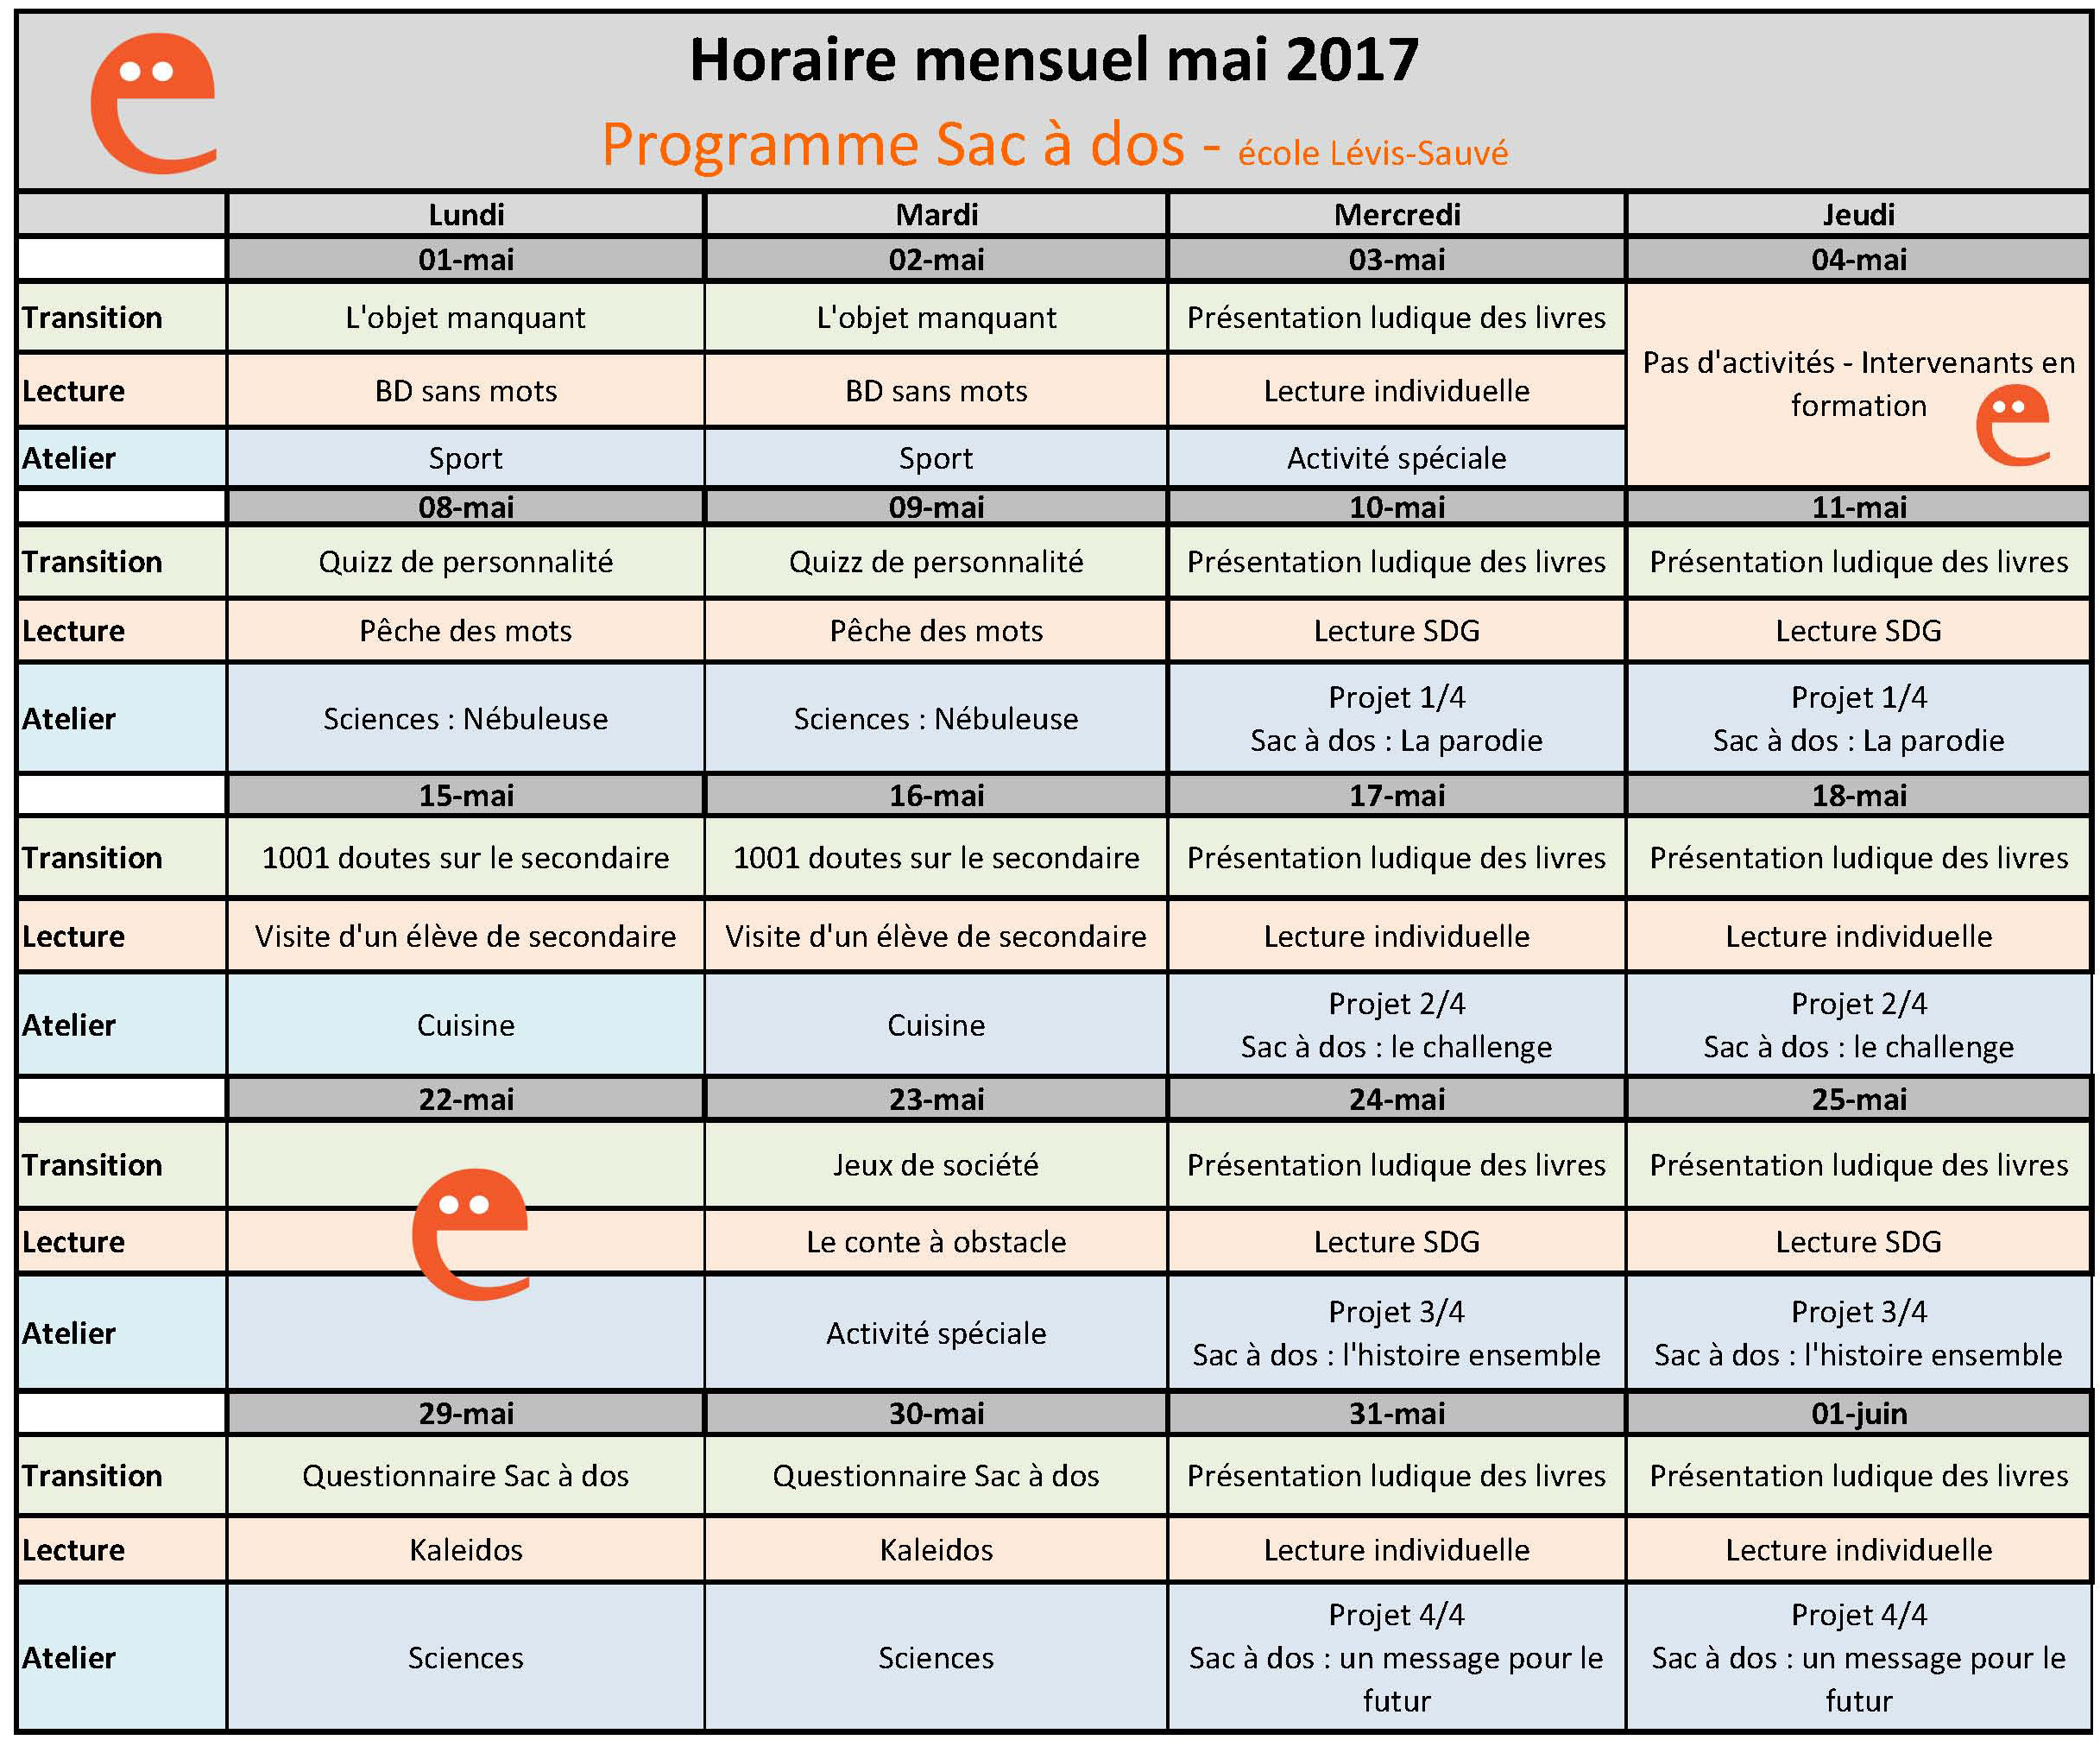 Horaire mensuel mai 2017 - Lévis-Sauvé - Programme Sac à dos